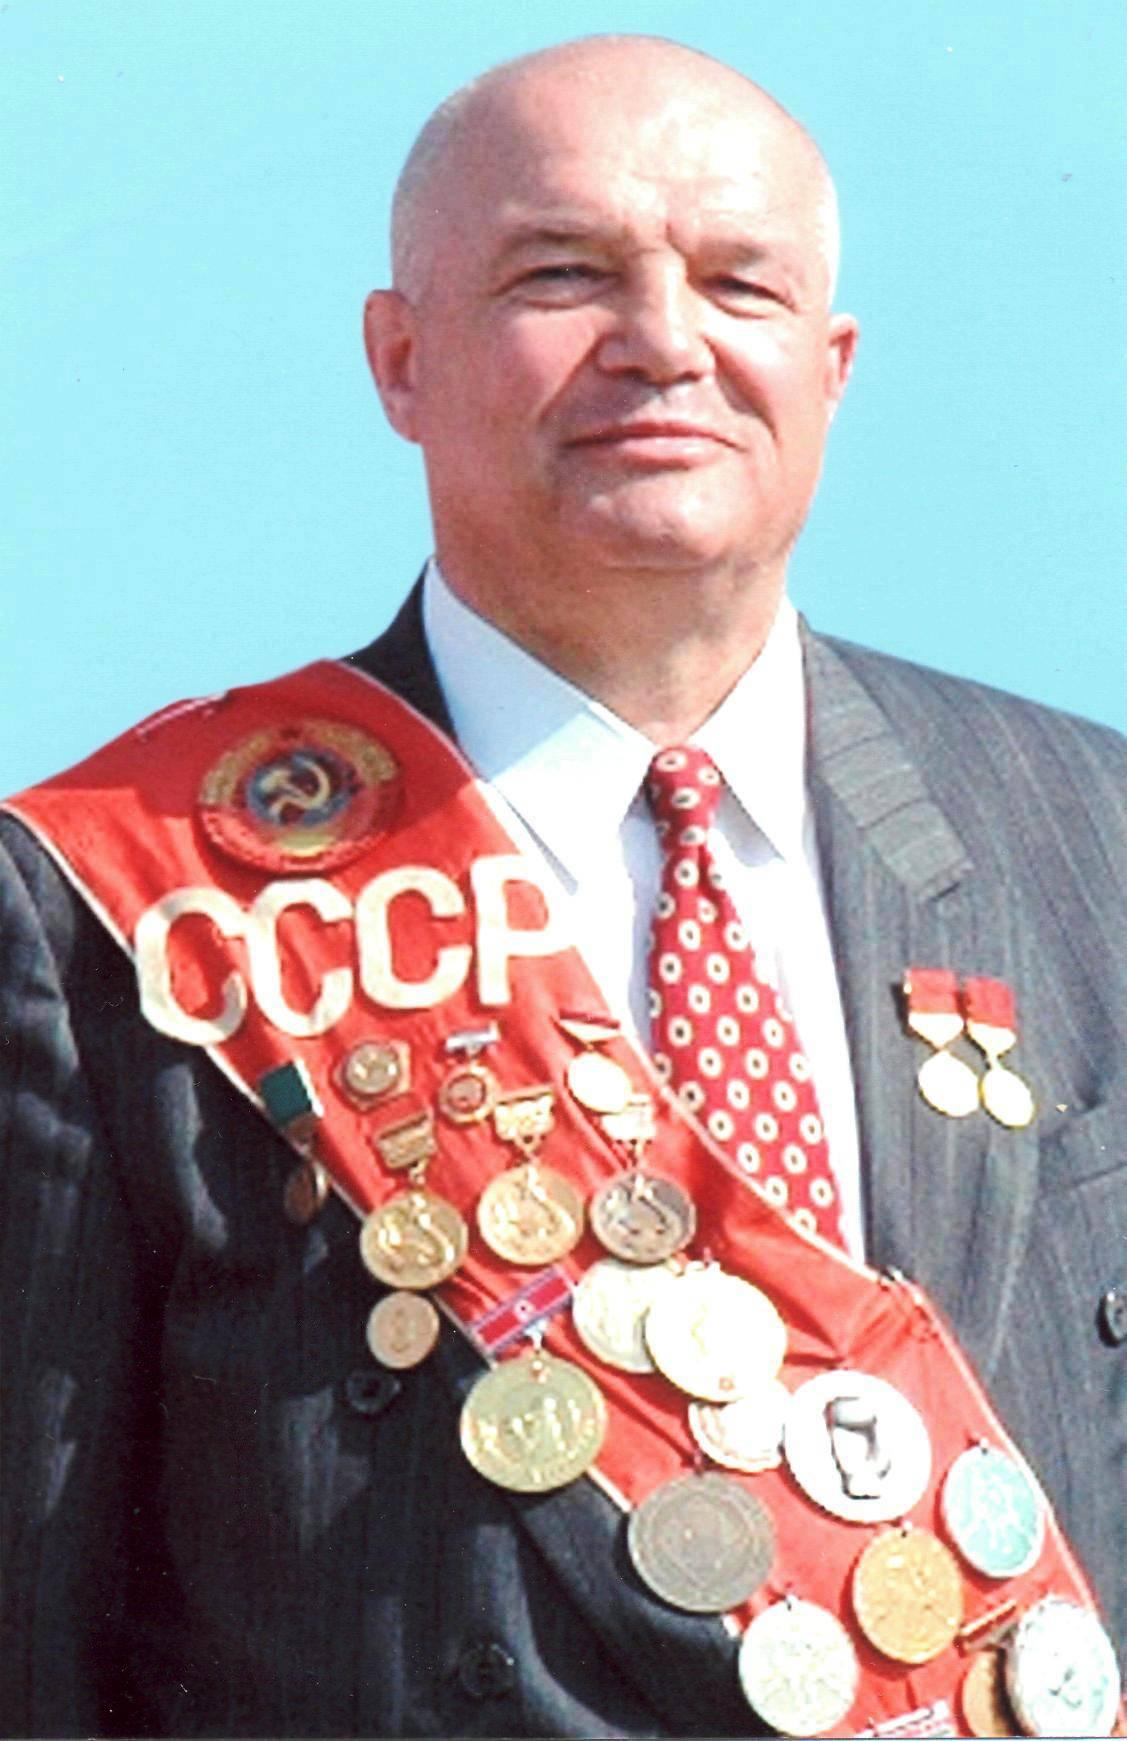 Степанов владимир владимирович гребля